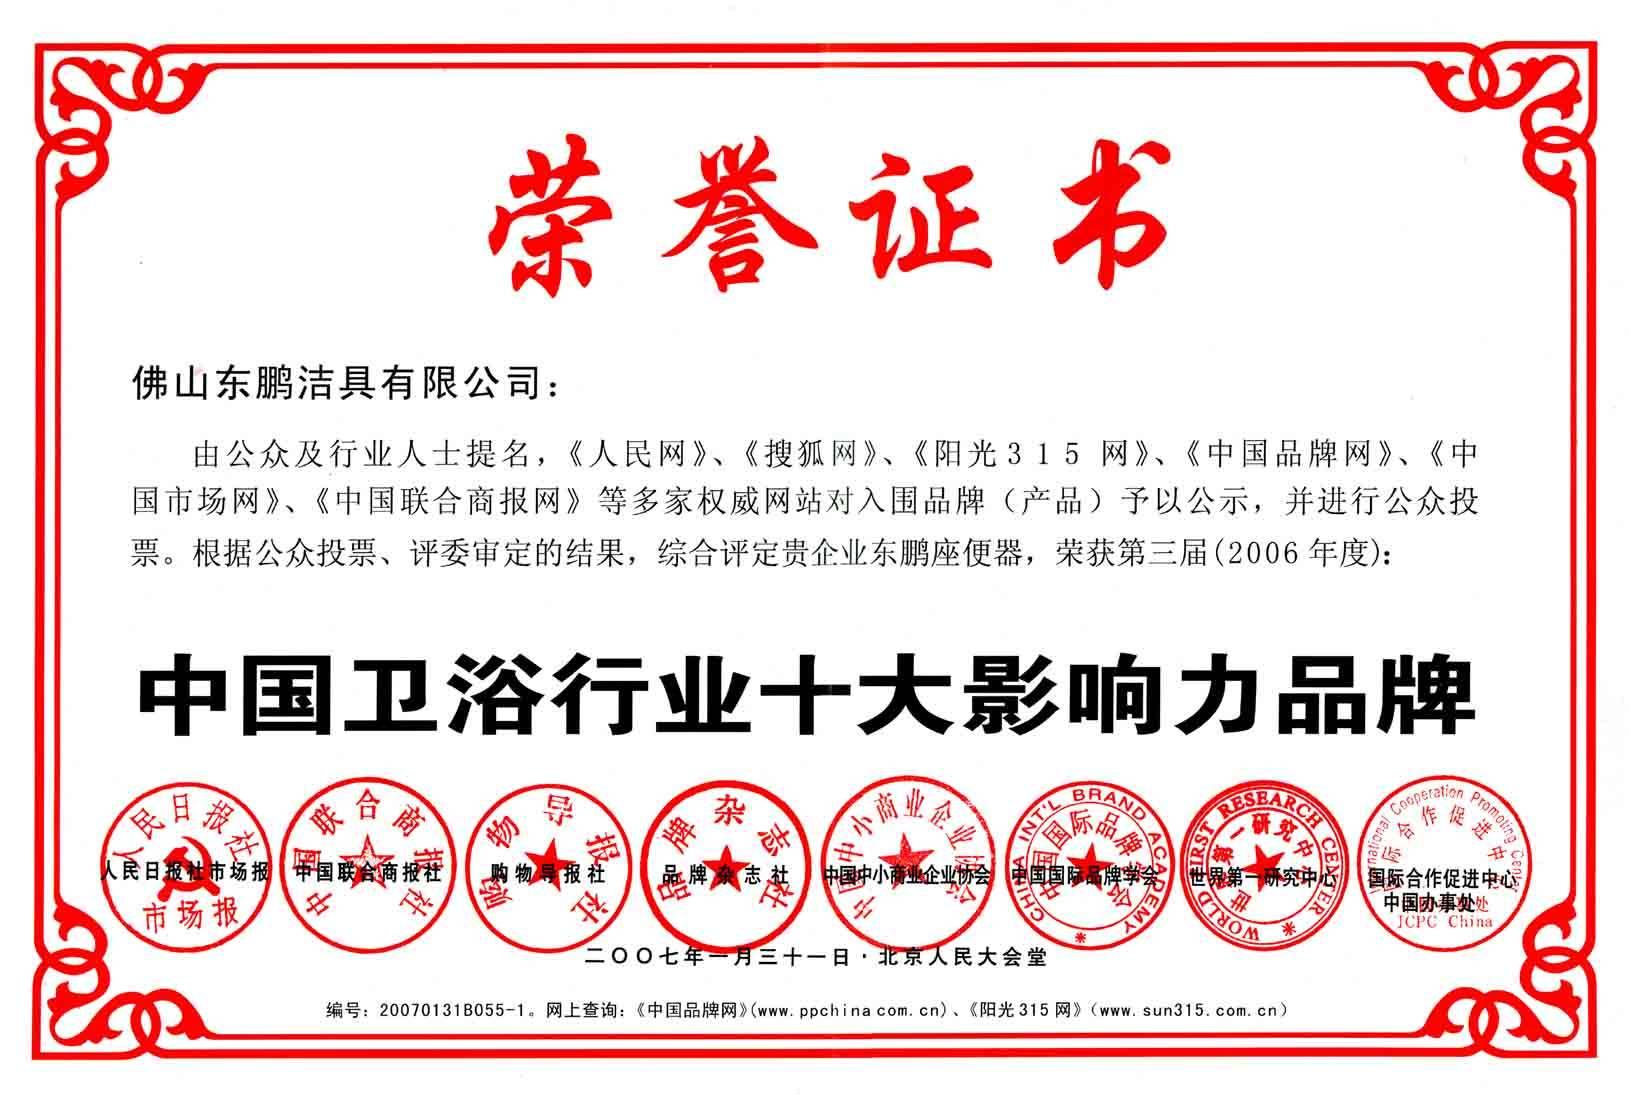 中国卫浴行业十大影响力品牌 - 东鹏洁具桂林总